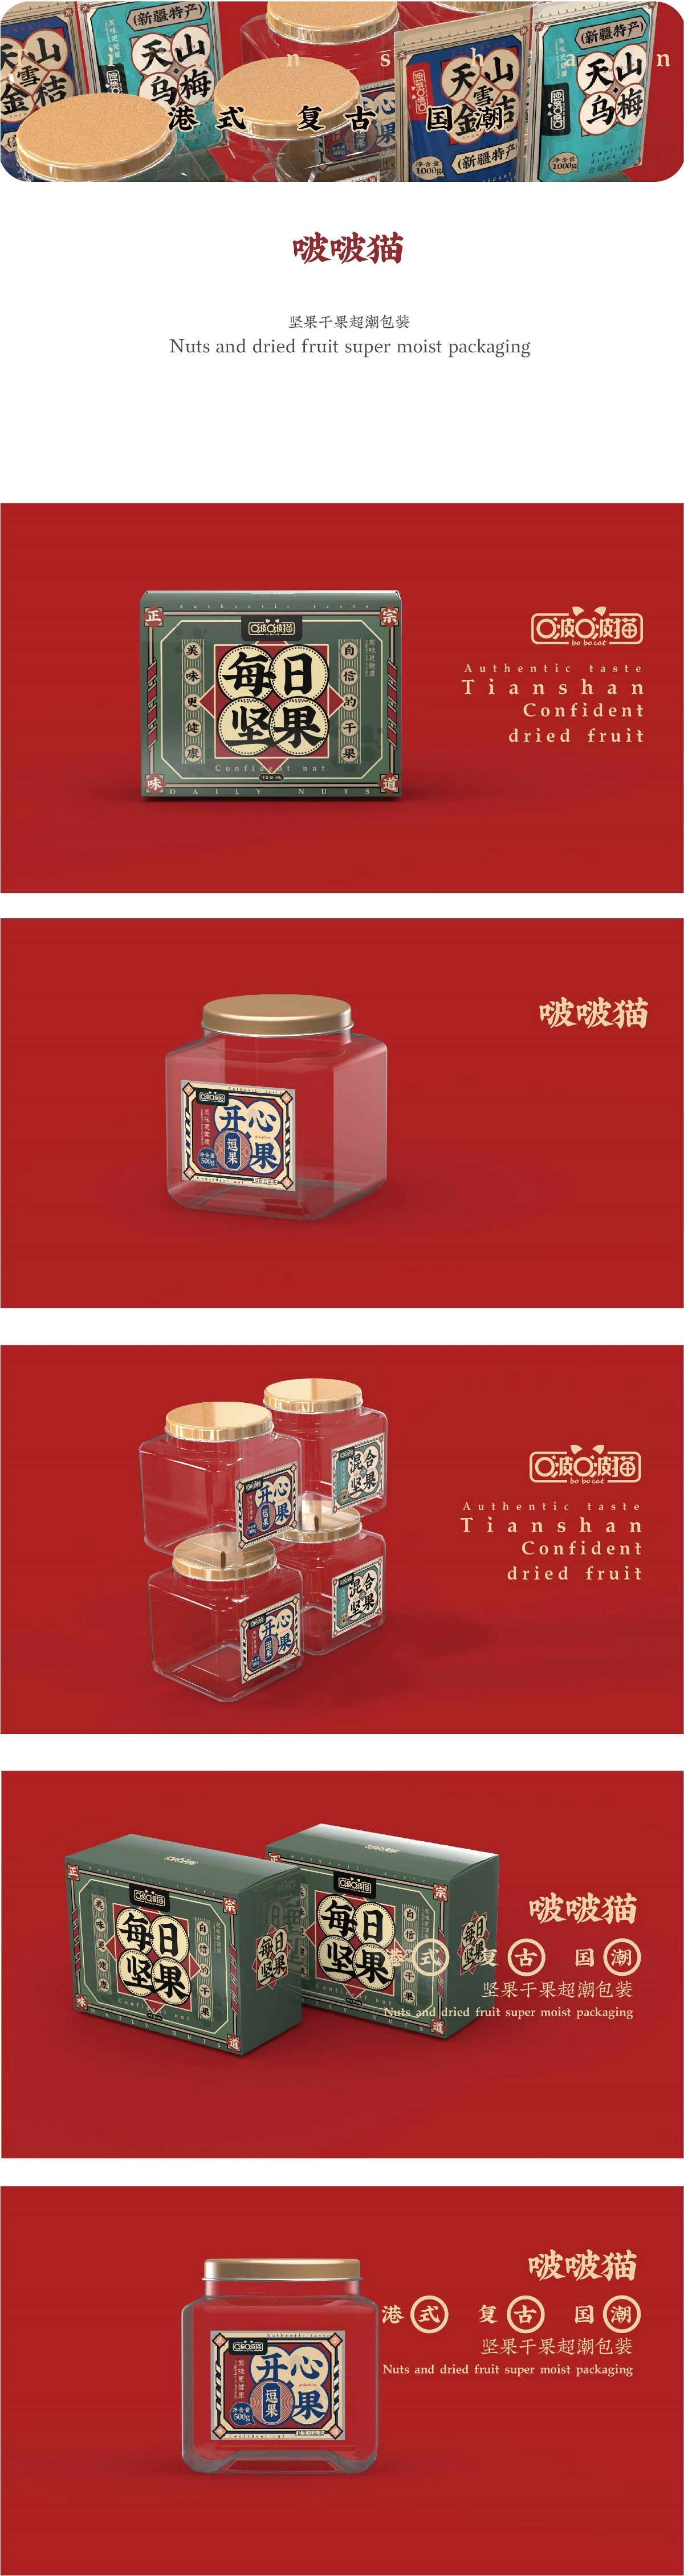 坚果包装坚果包装设计/包装设计/干果包装设计/零食包装设计/形象IP打造 /产品包装设计